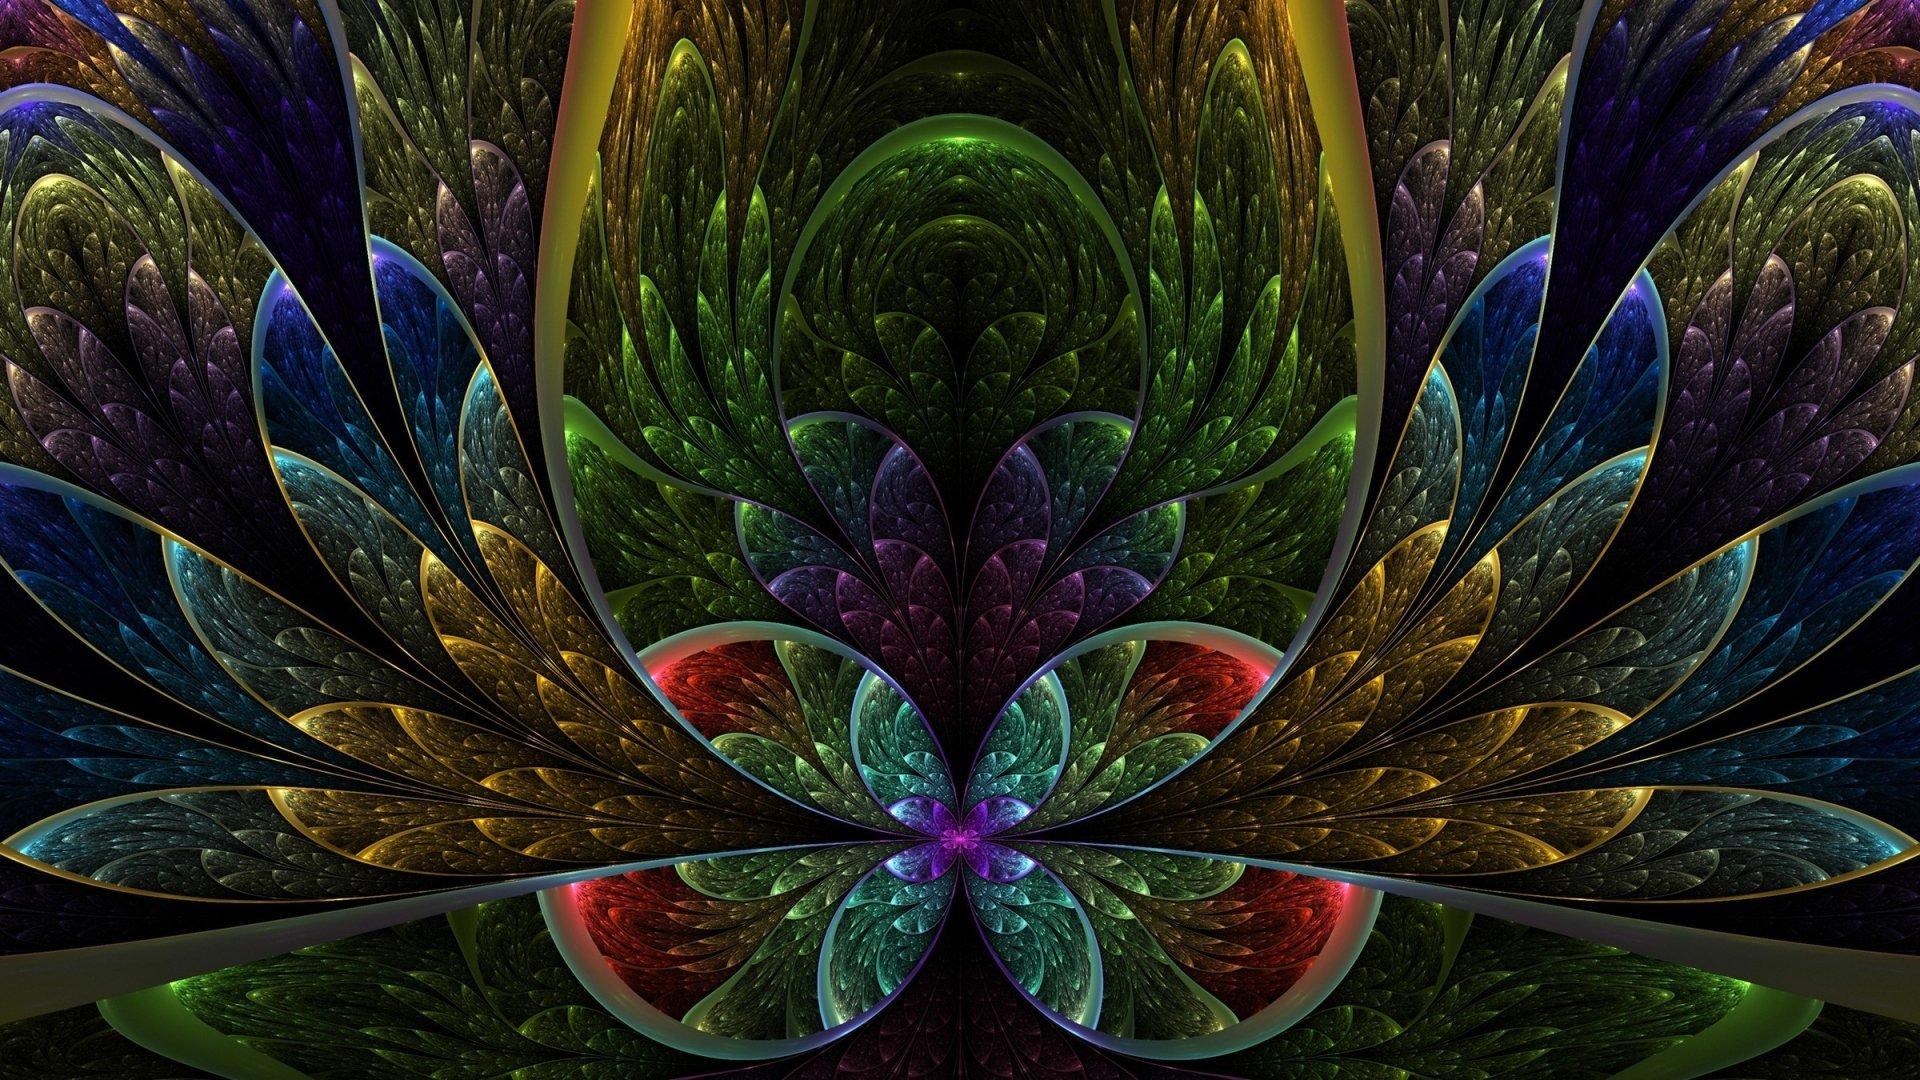 Art ID: 133508